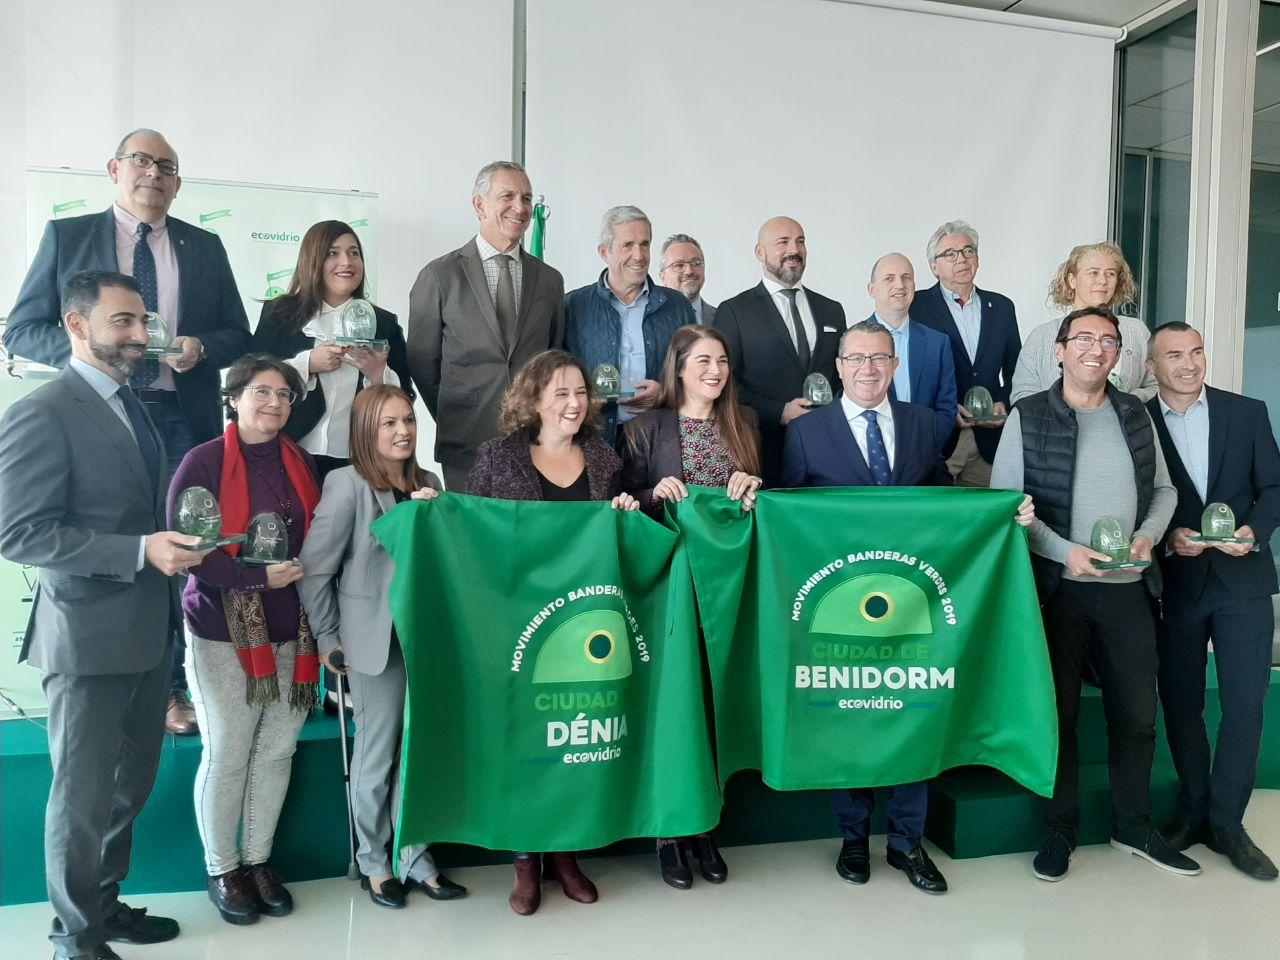 Mireia Mollà entrega a Benidorm y Denia la Bandera Verde de Ecovidrio que premia el compromiso local con el reciclaje